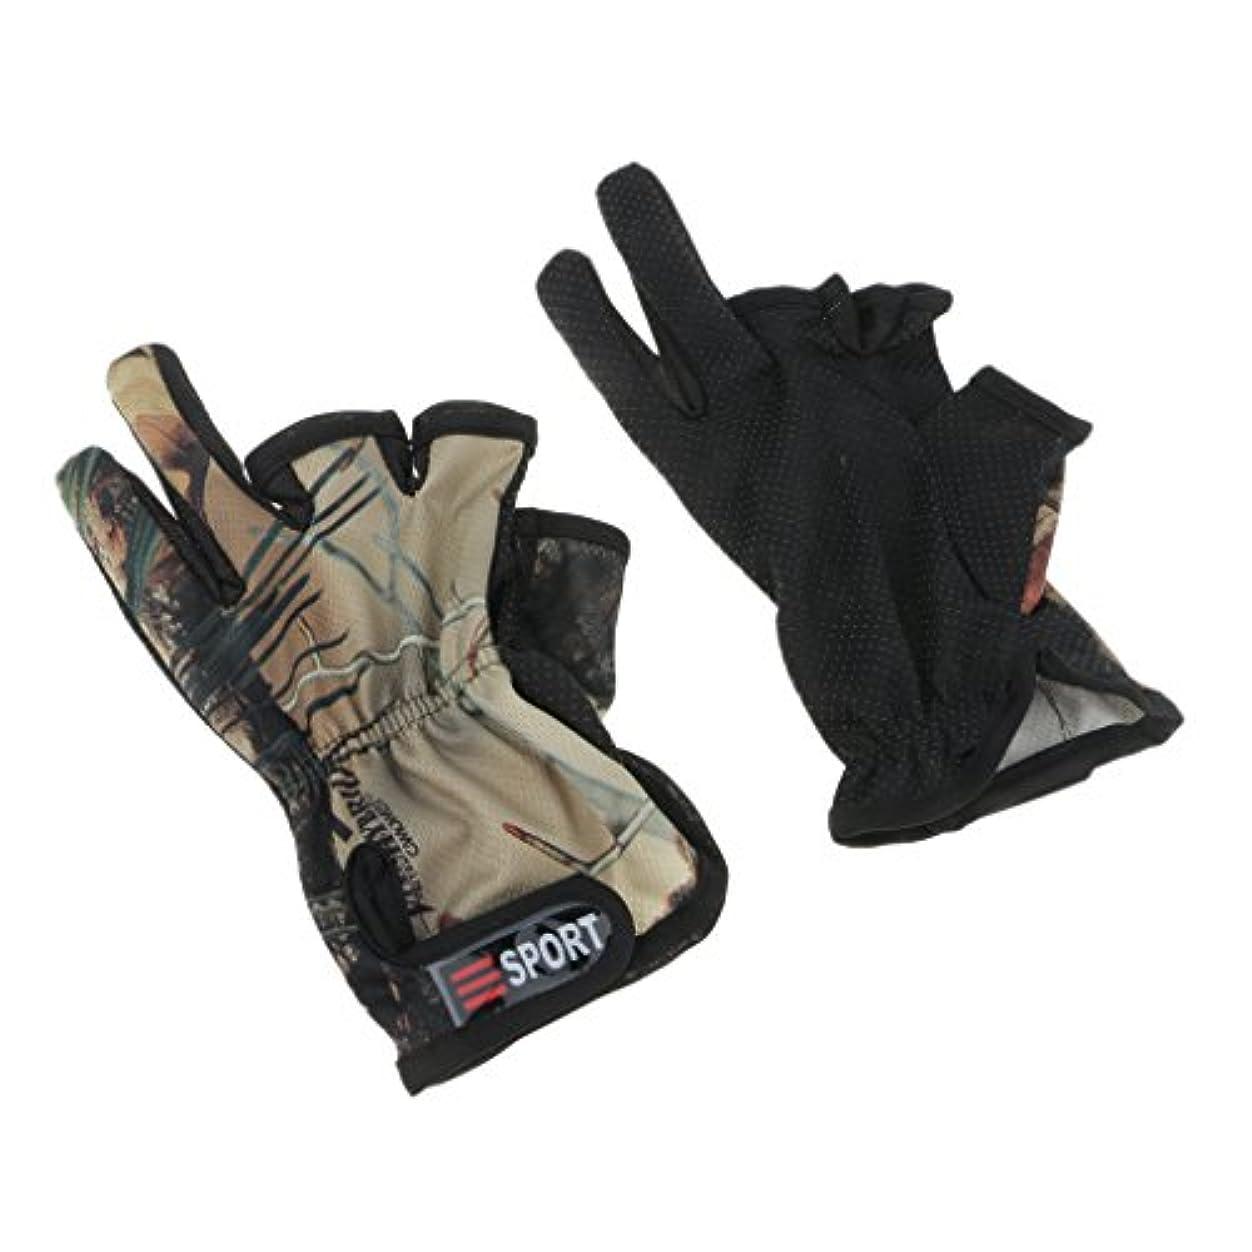 の量レイハイキングSM SunniMix 釣り 登山 自転車 グローブ 手袋 滑り止め 手保護 伸縮性 調整可能 通気性 耐摩擦